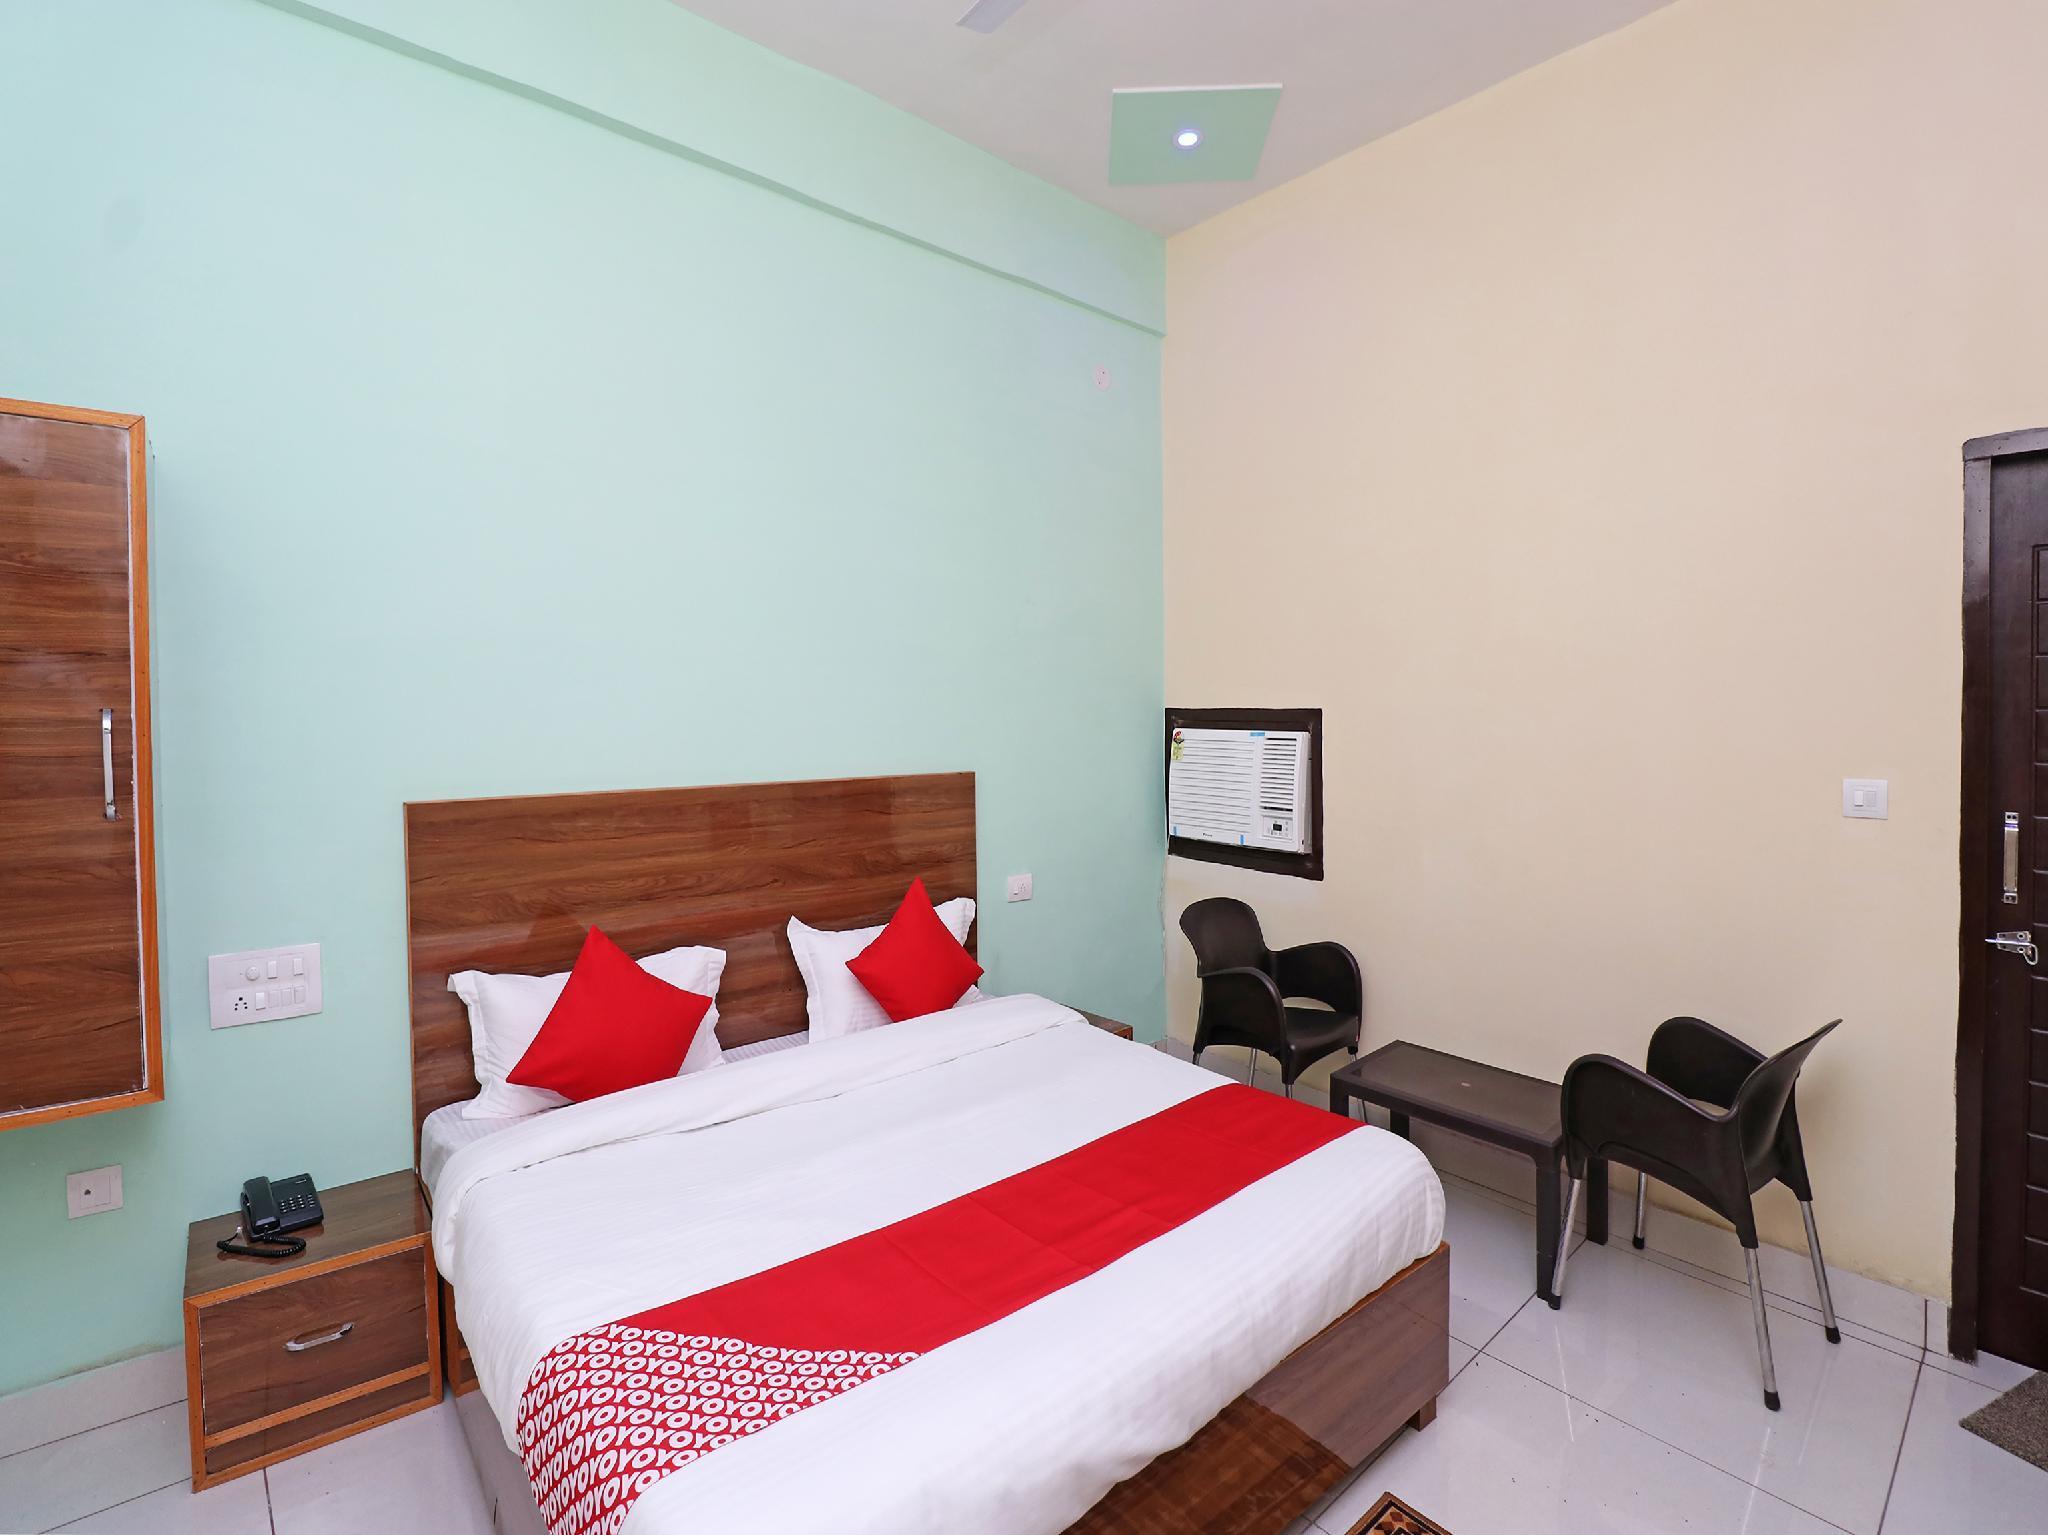 OYO 29006 Hotel Almond Leaf